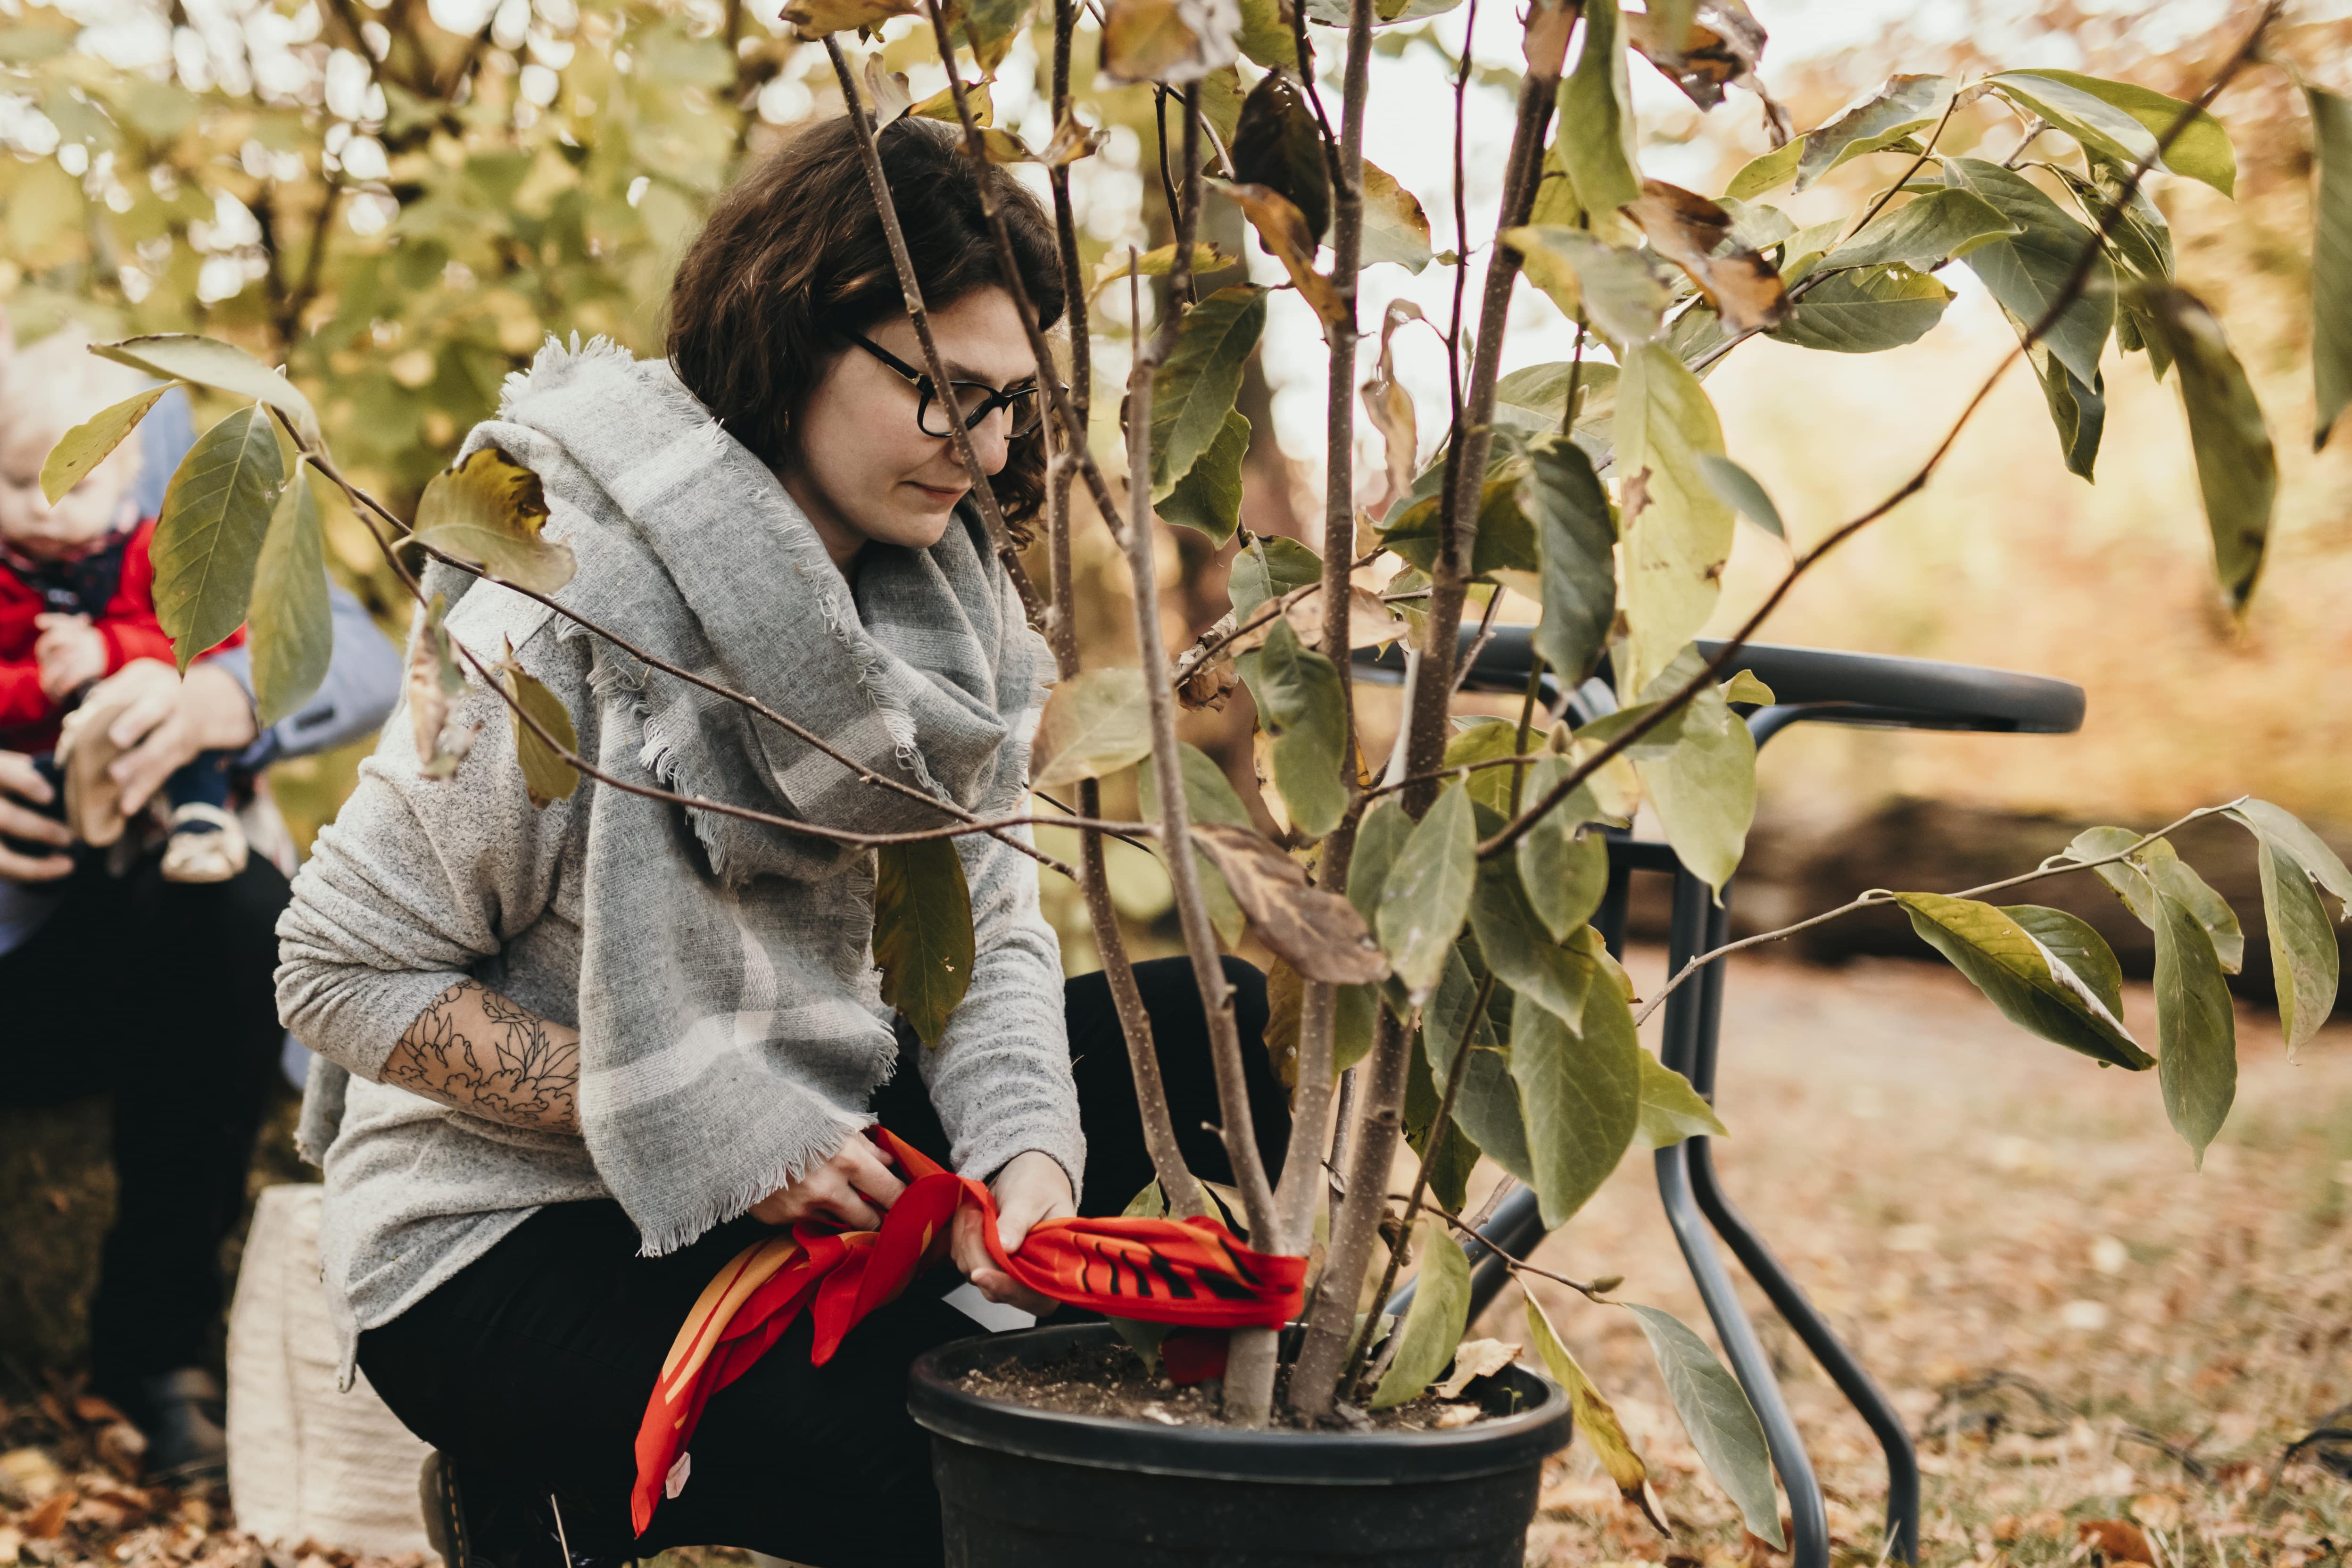 La maman accroche un foulard à l'arbre symbolique